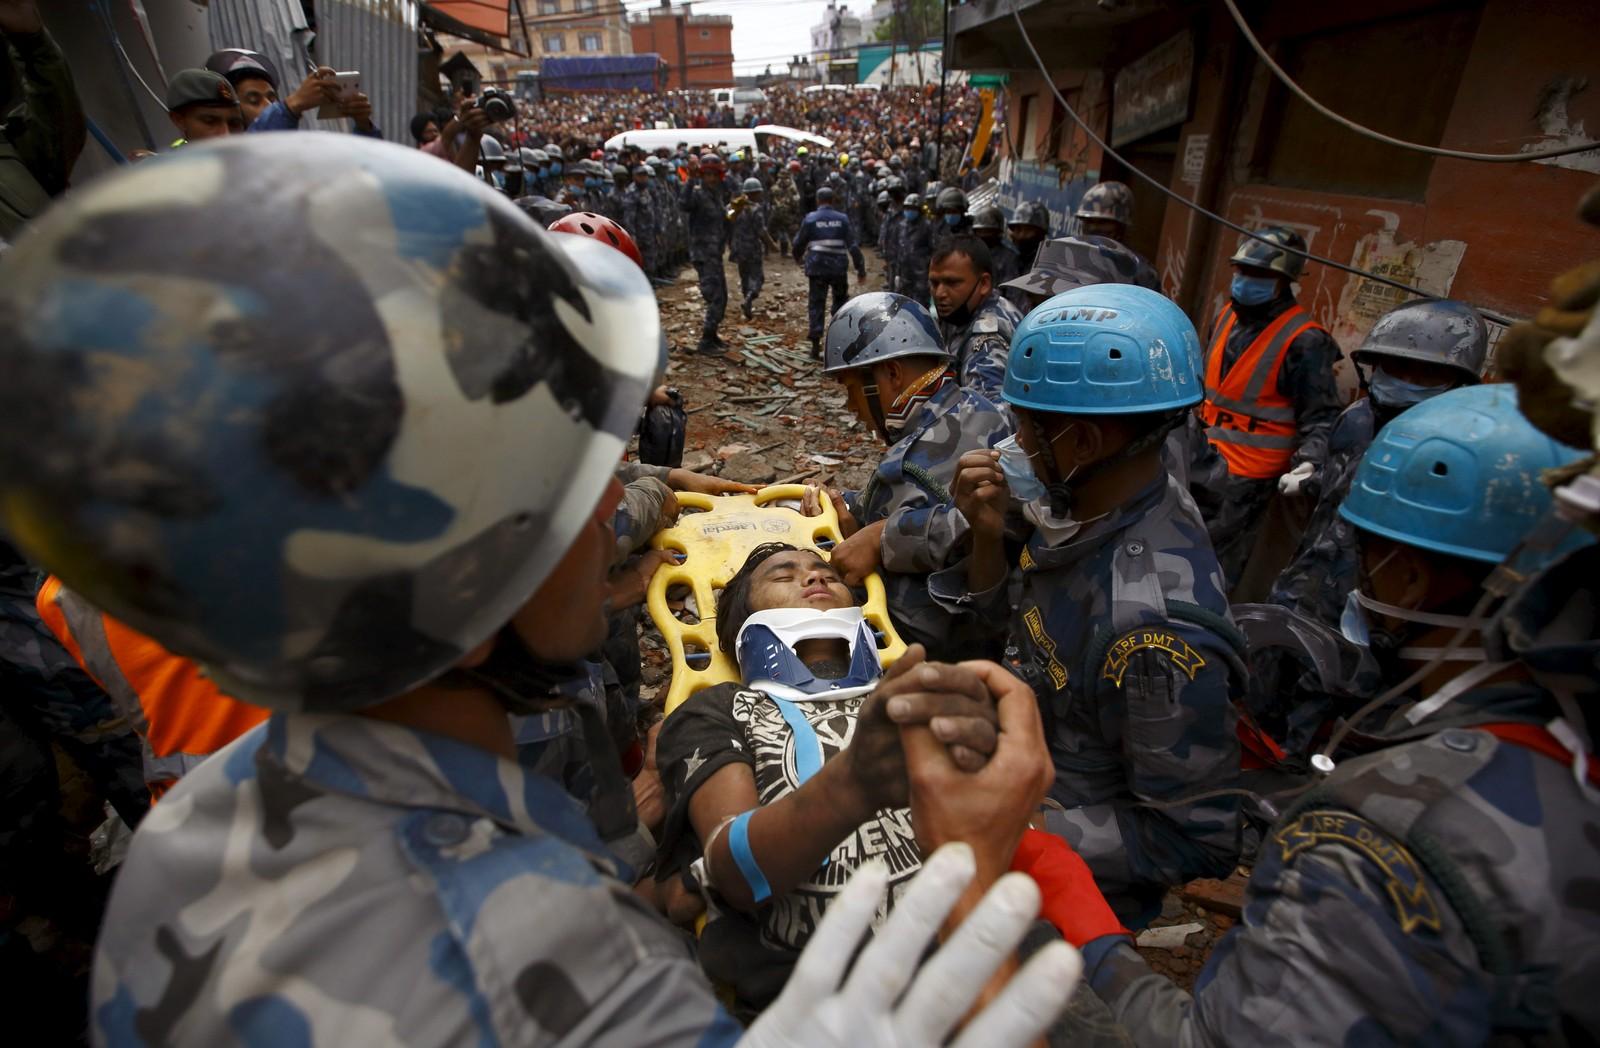 Pemba Tamang (15) overlevde fem dager sammenklemt mellom to etasjer i en blokk i Katmandu, Nepal.REUTERS/Navesh Chitrakar